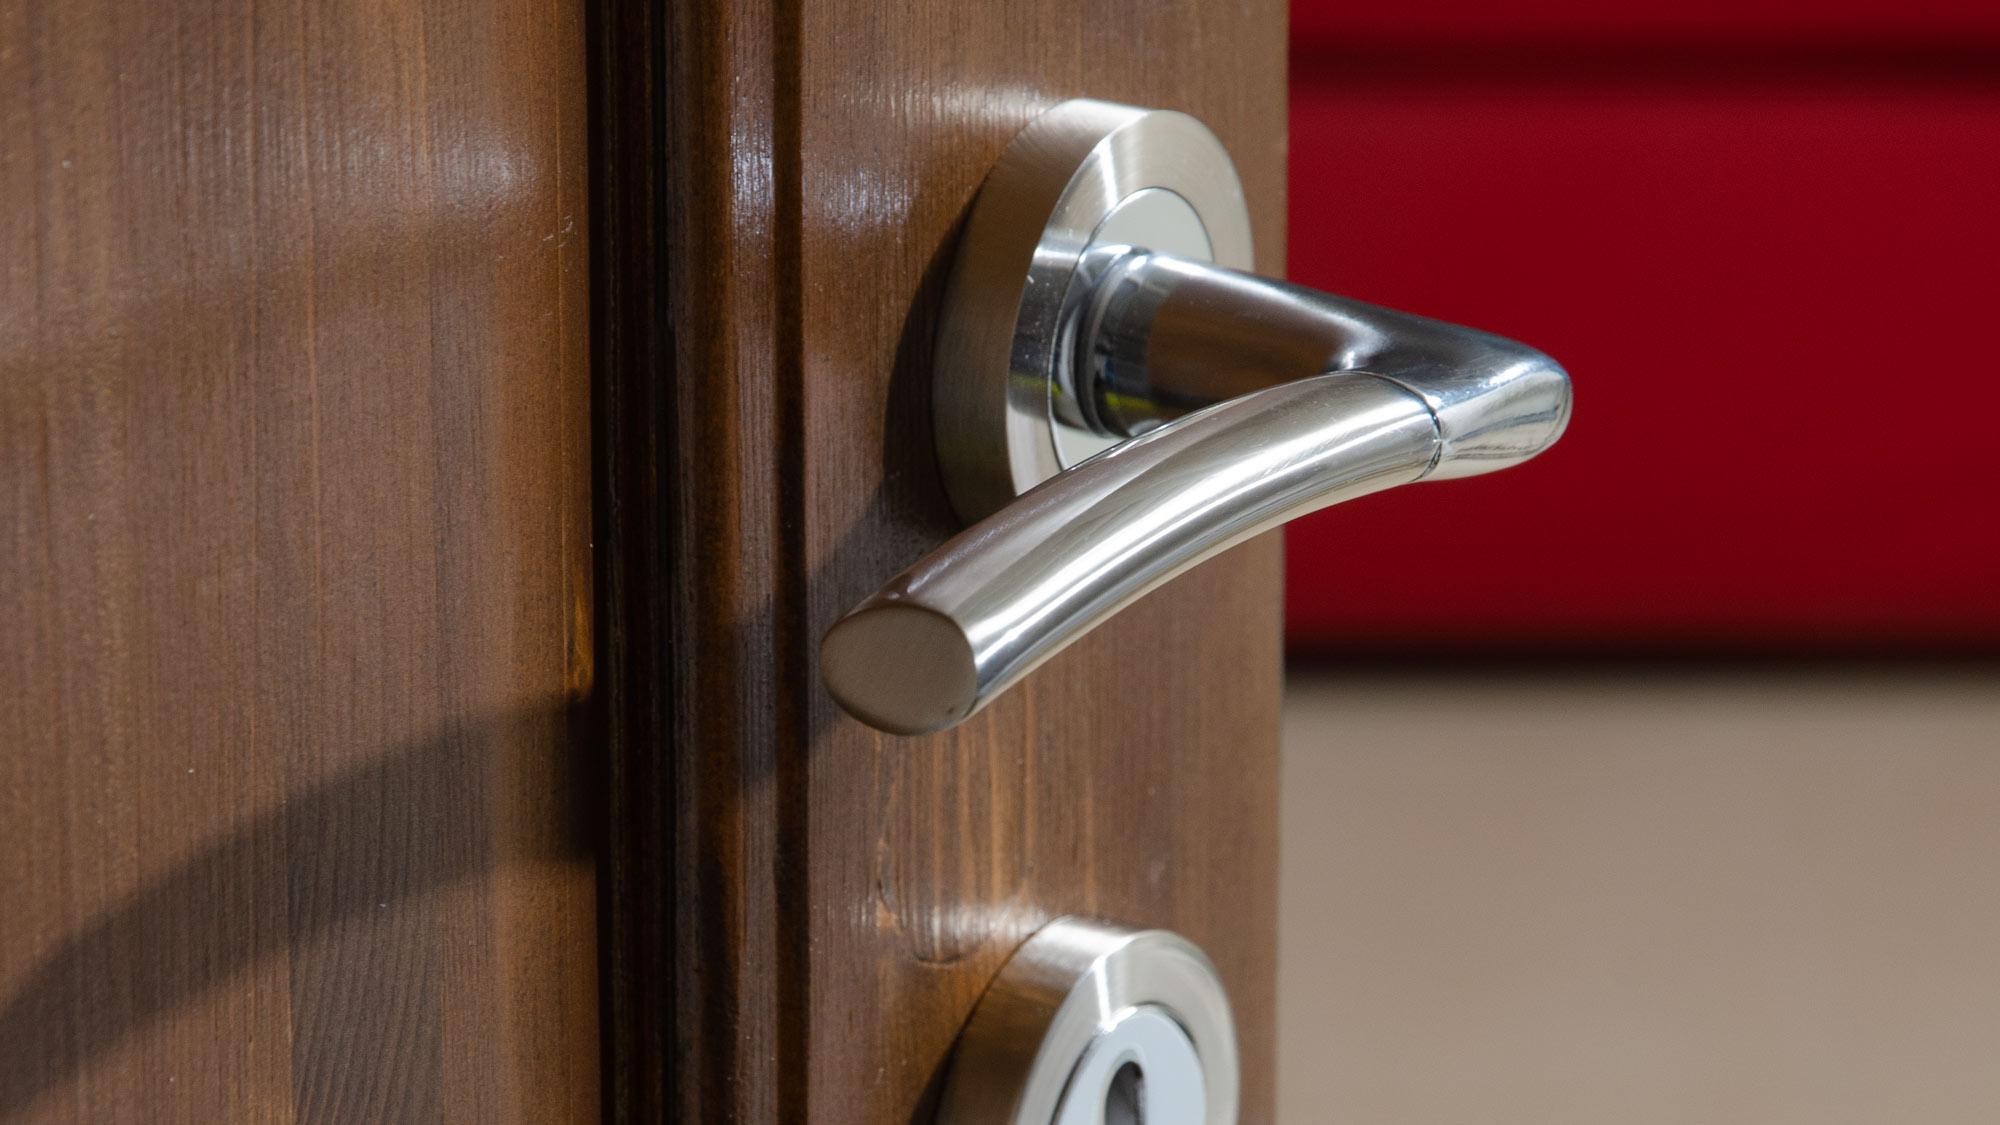 Nuove maniglie per porte facili e veloci | Sacar